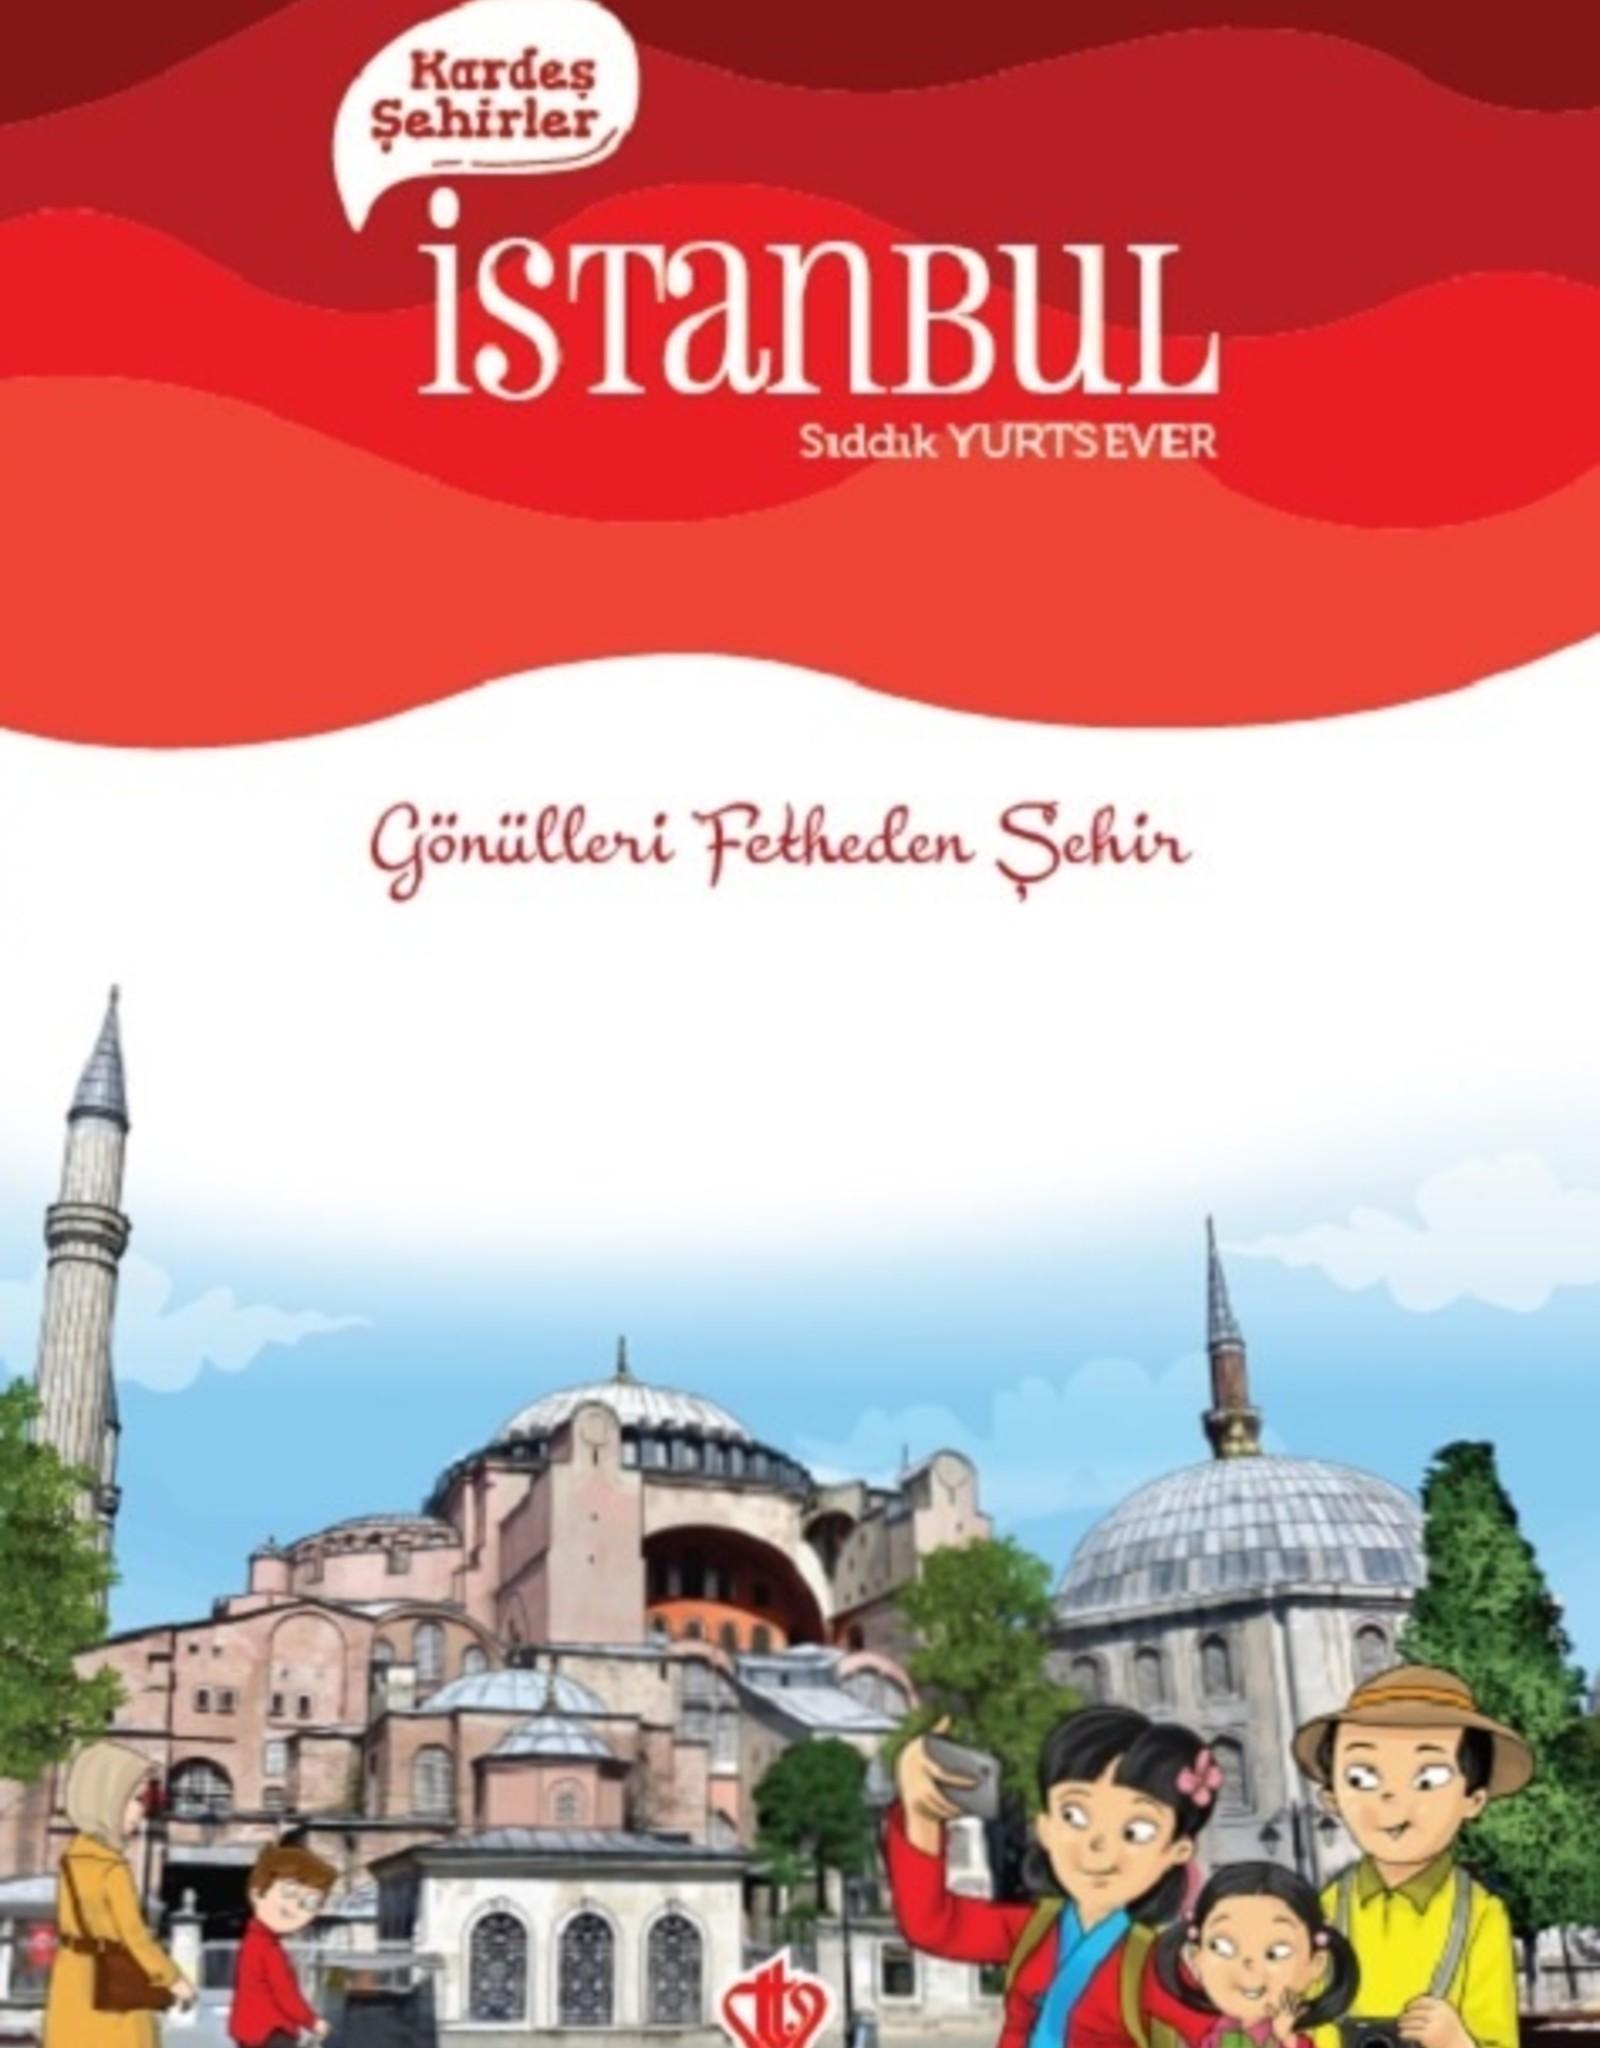 Kardeş Şehirler İstanbul